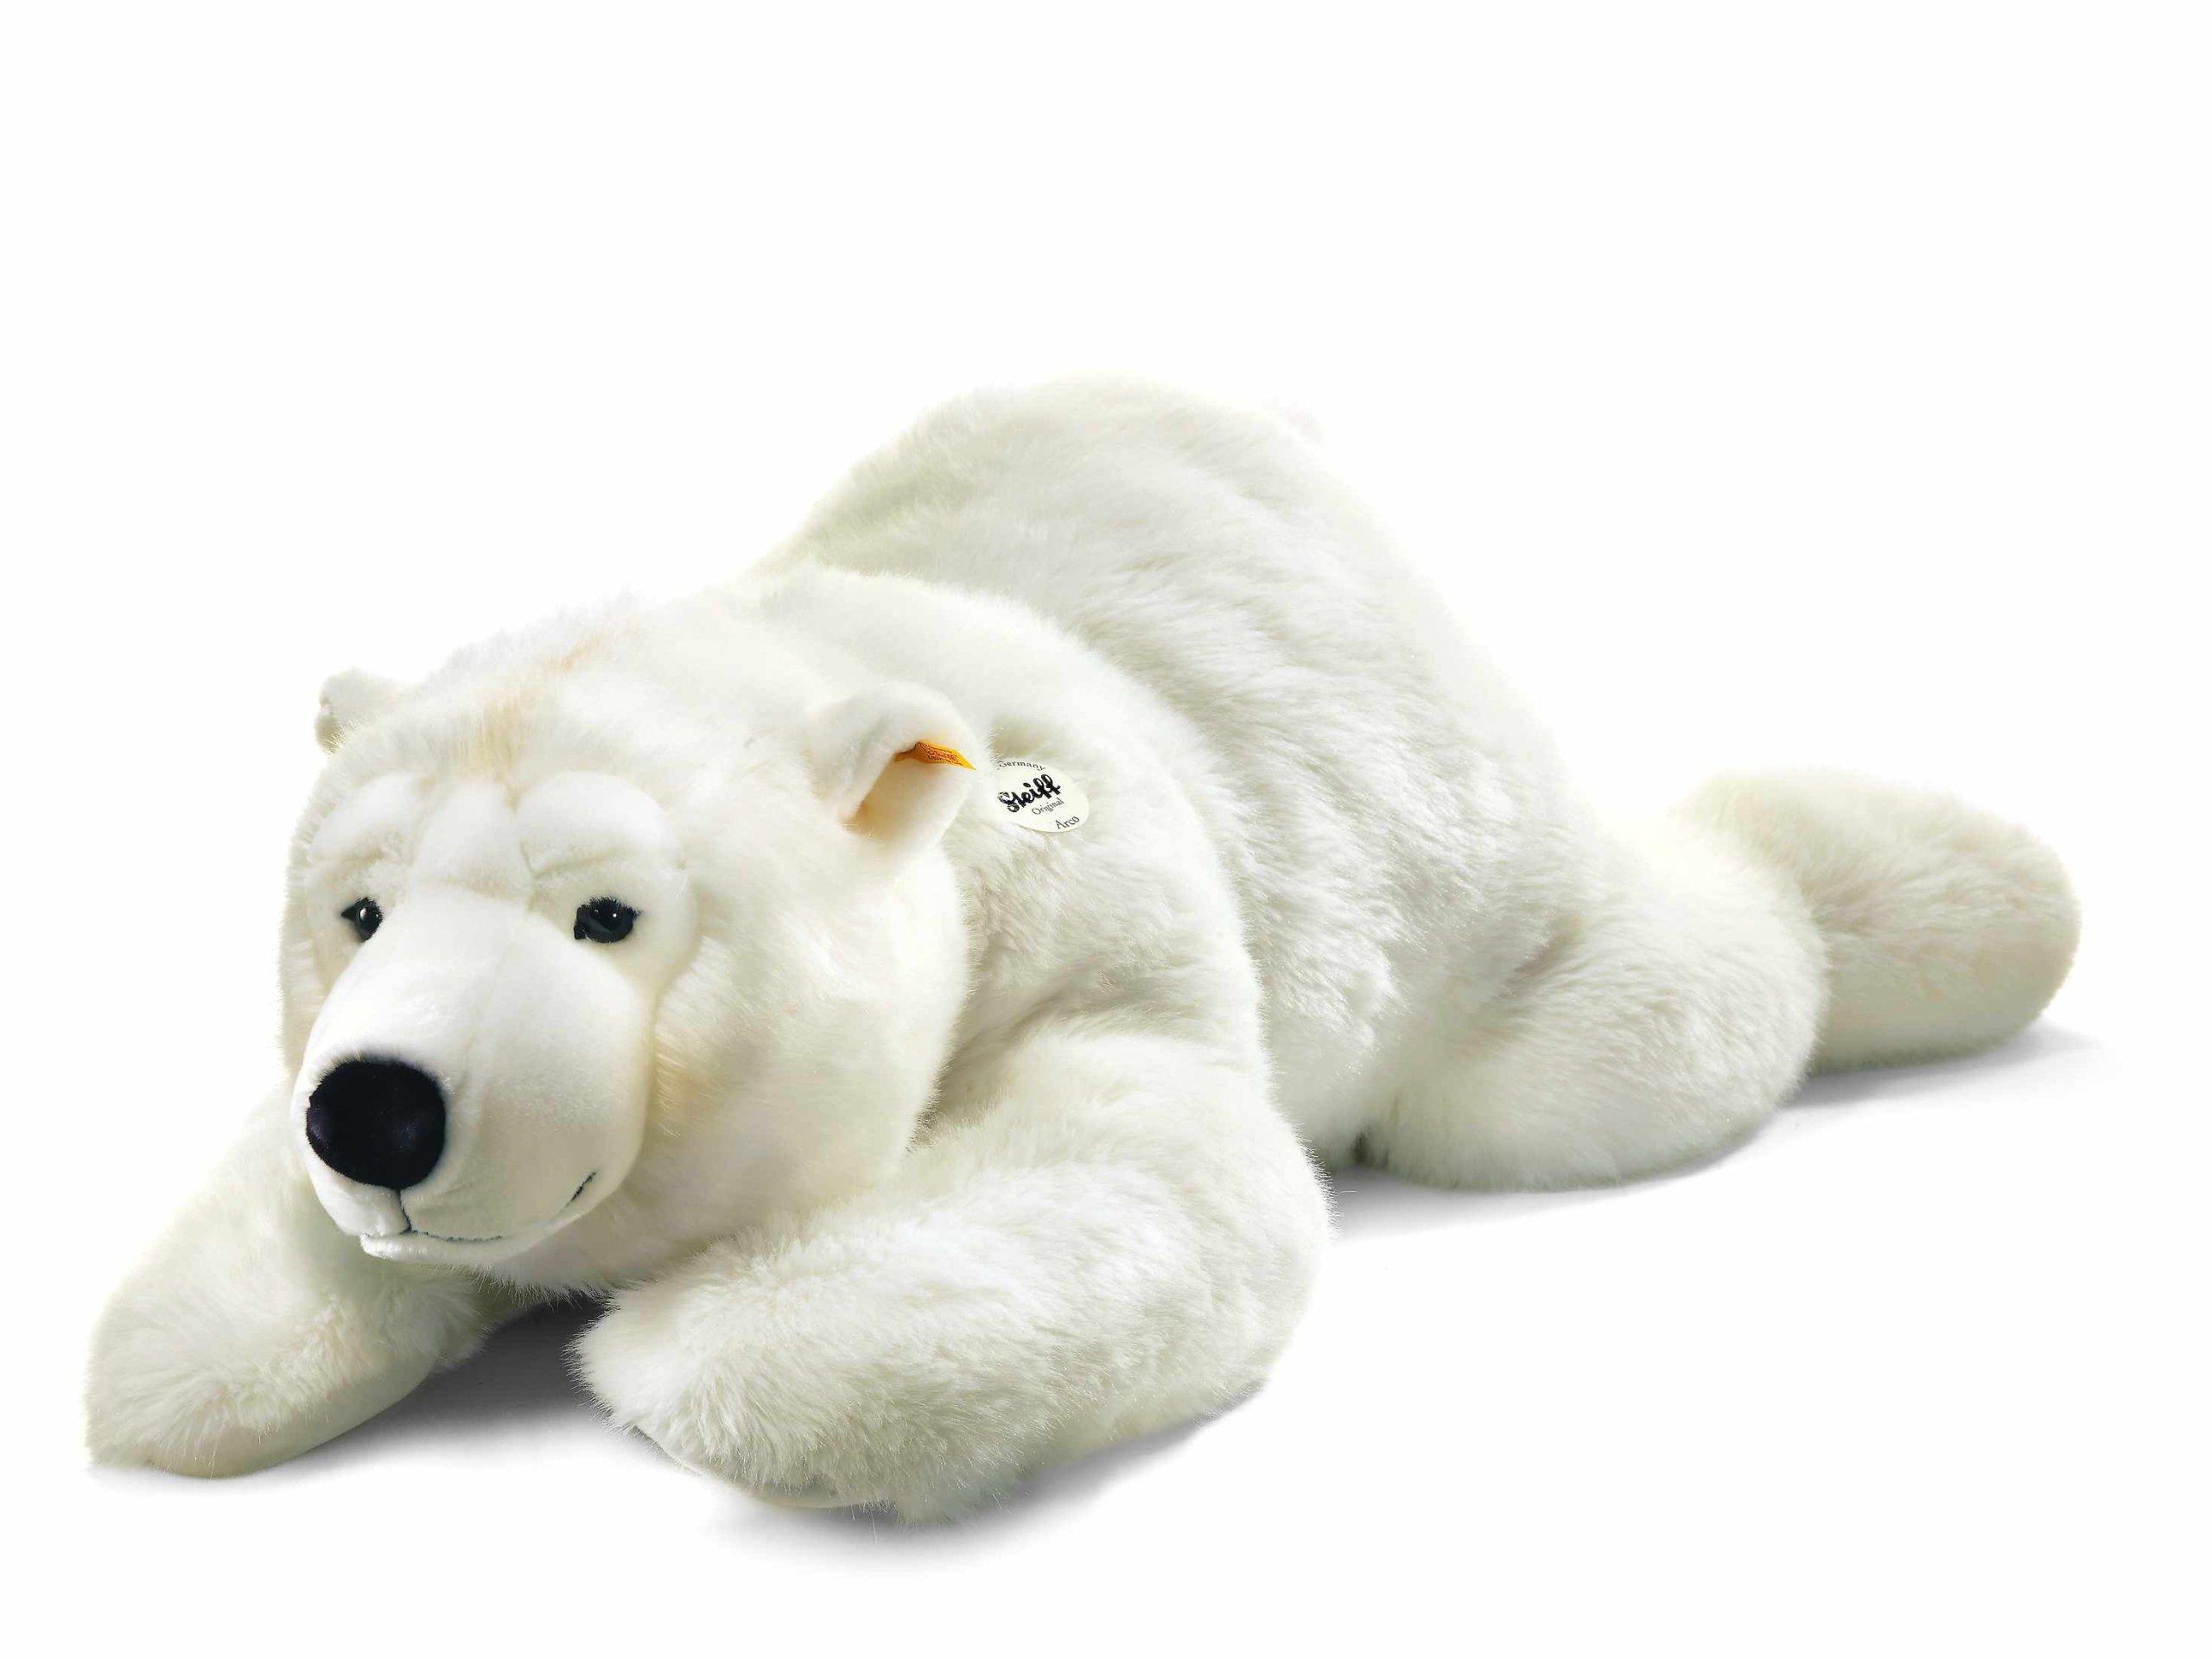 Steiff Arco Polar Bear Plush Animal Toy, White by Steiff